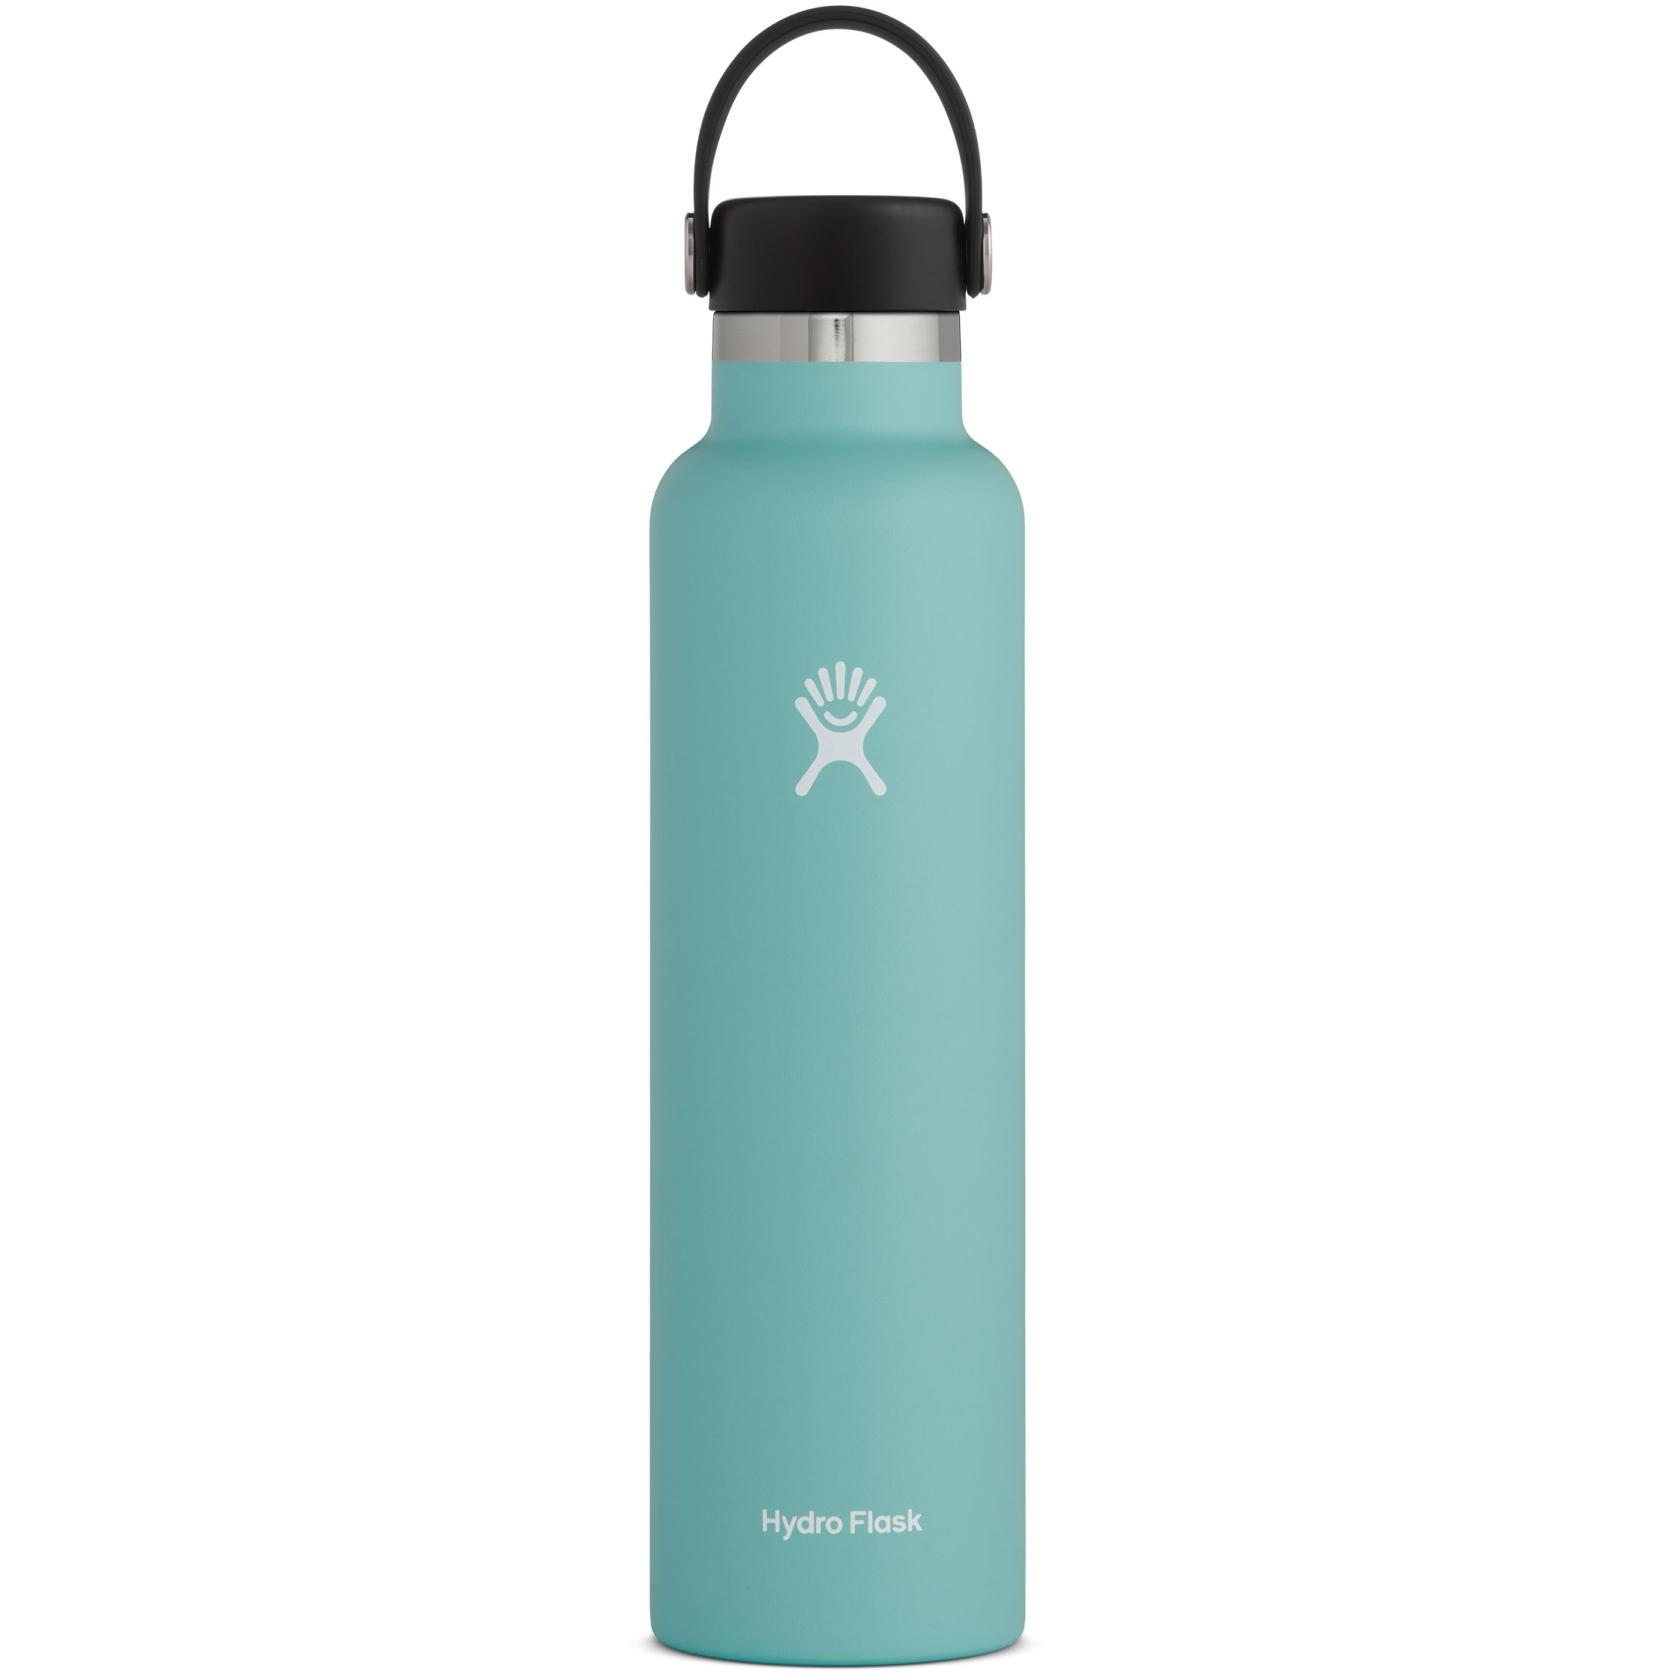 Produktbild von Hydro Flask 24oz Standard Mouth Flex Cap Thermoflasche 710ml - Alpine